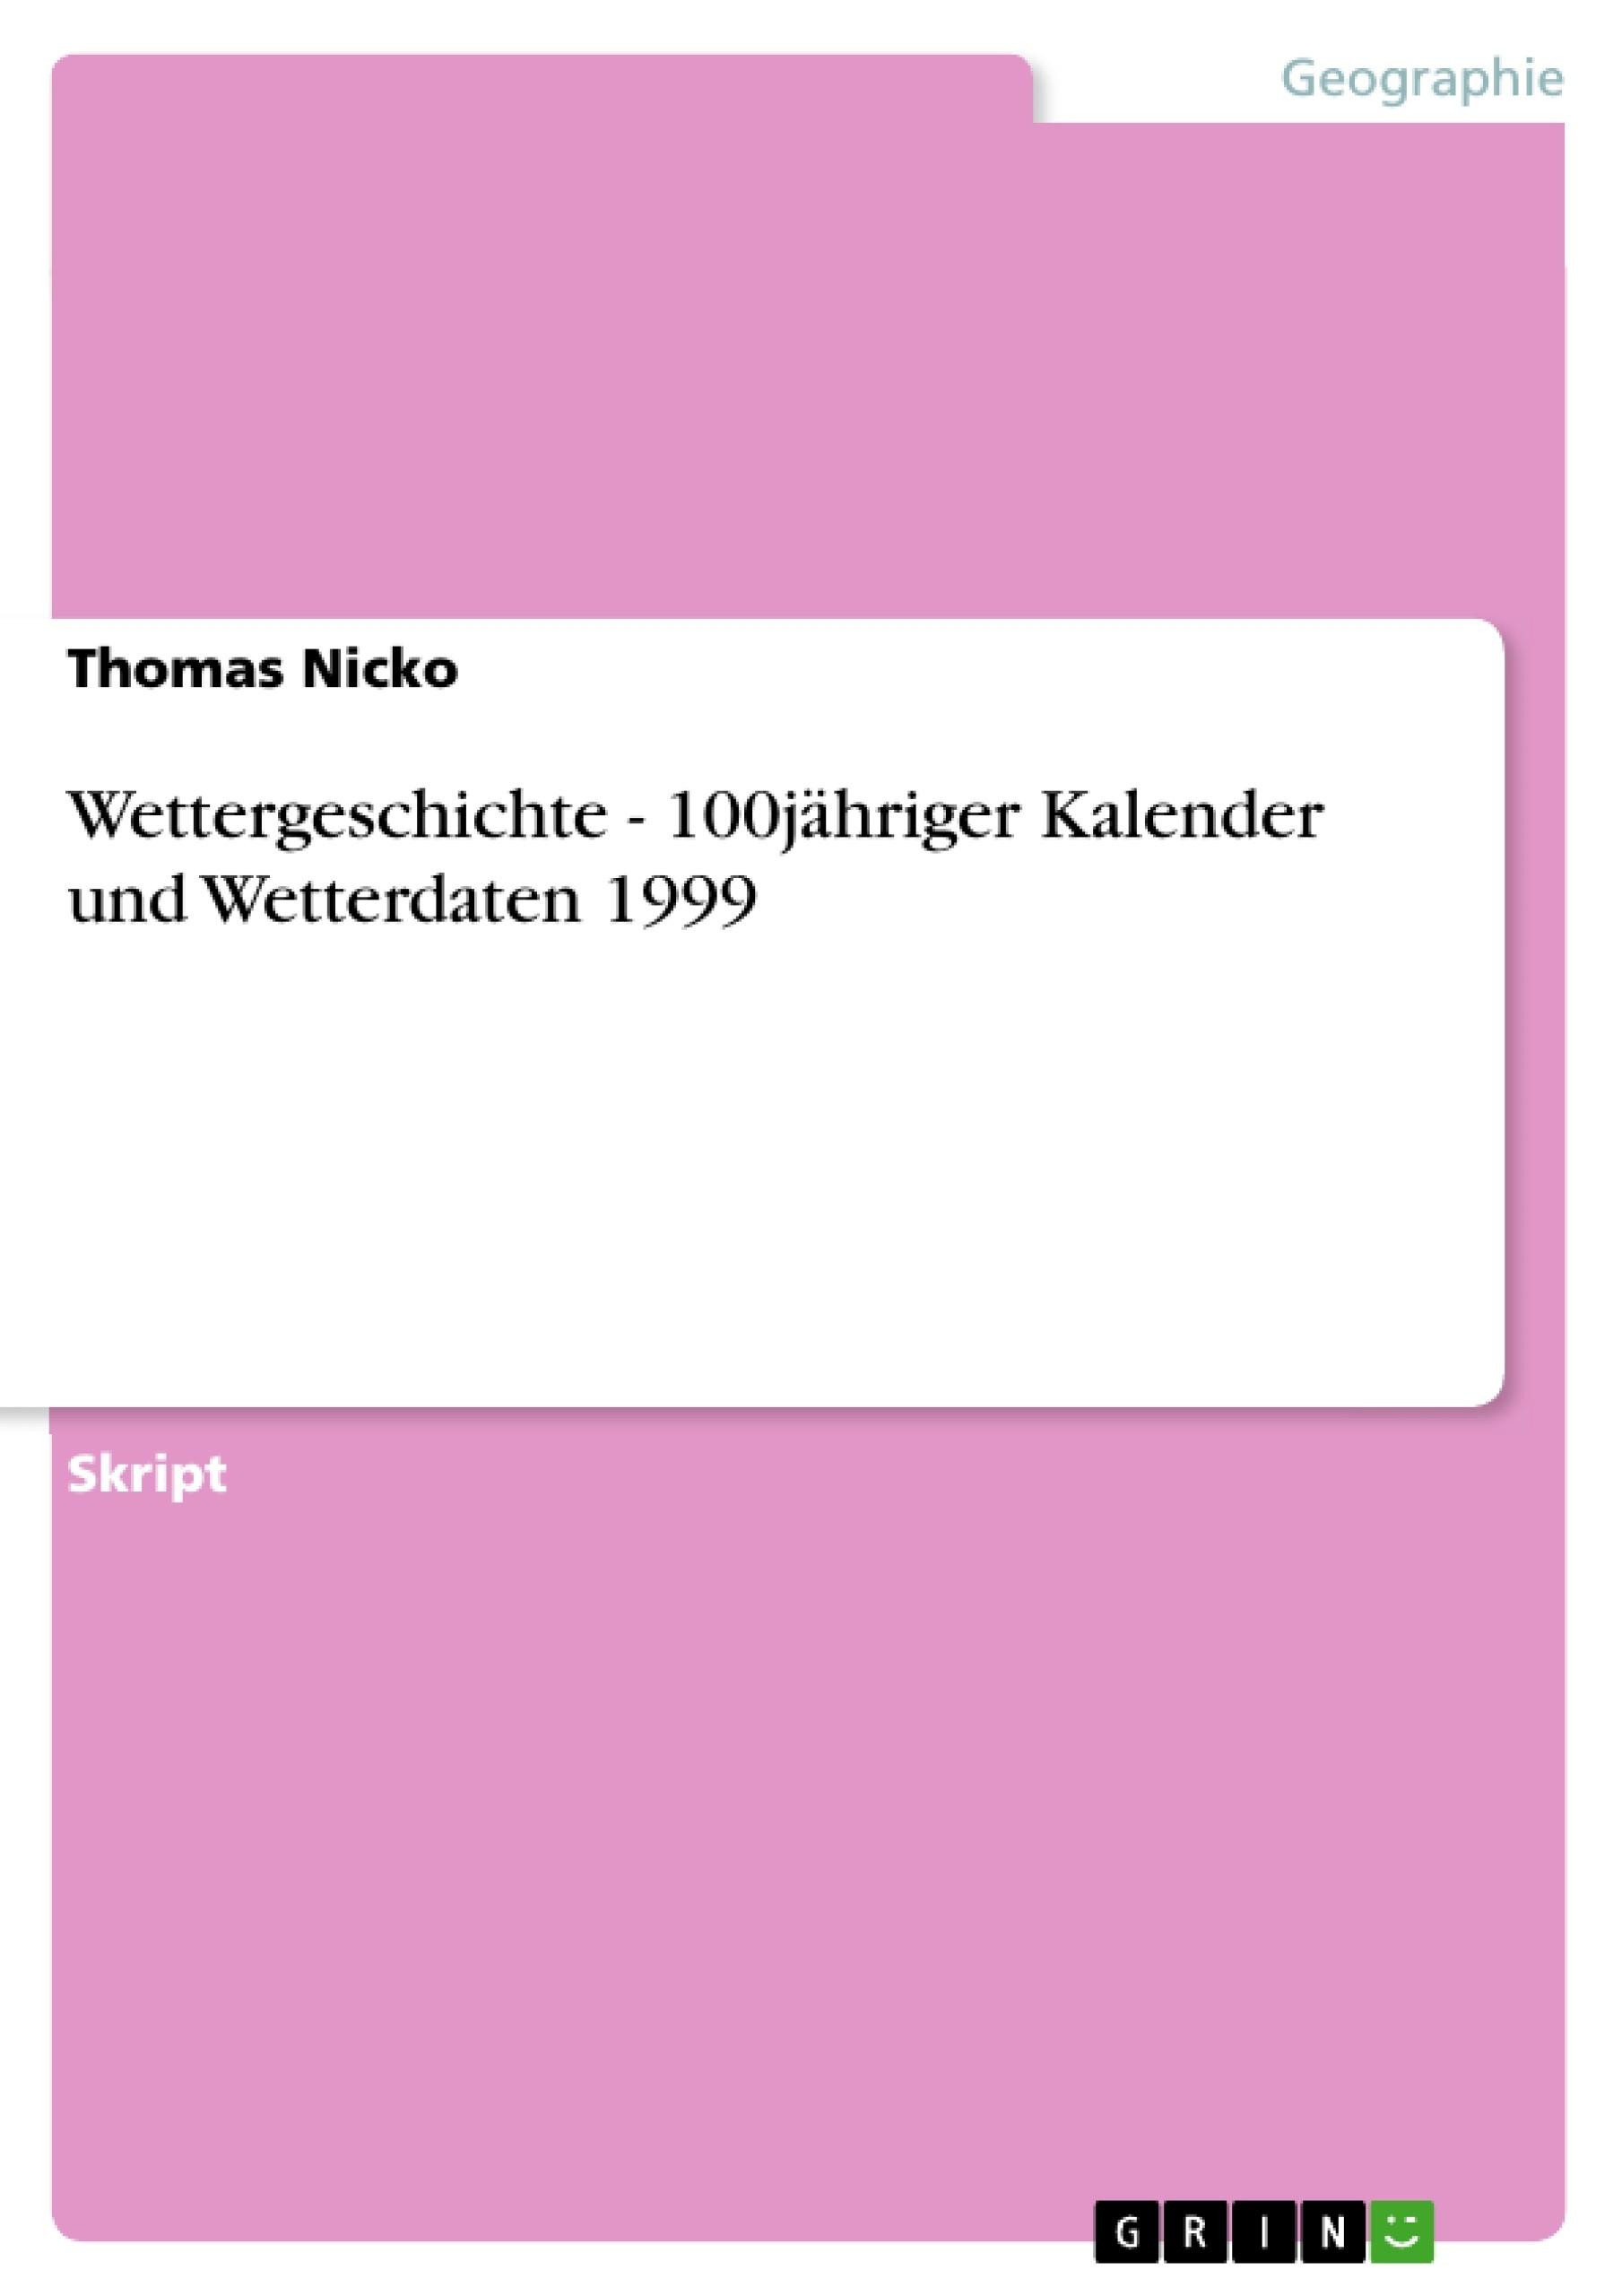 Titel: Wettergeschichte - 100jähriger Kalender und Wetterdaten 1999